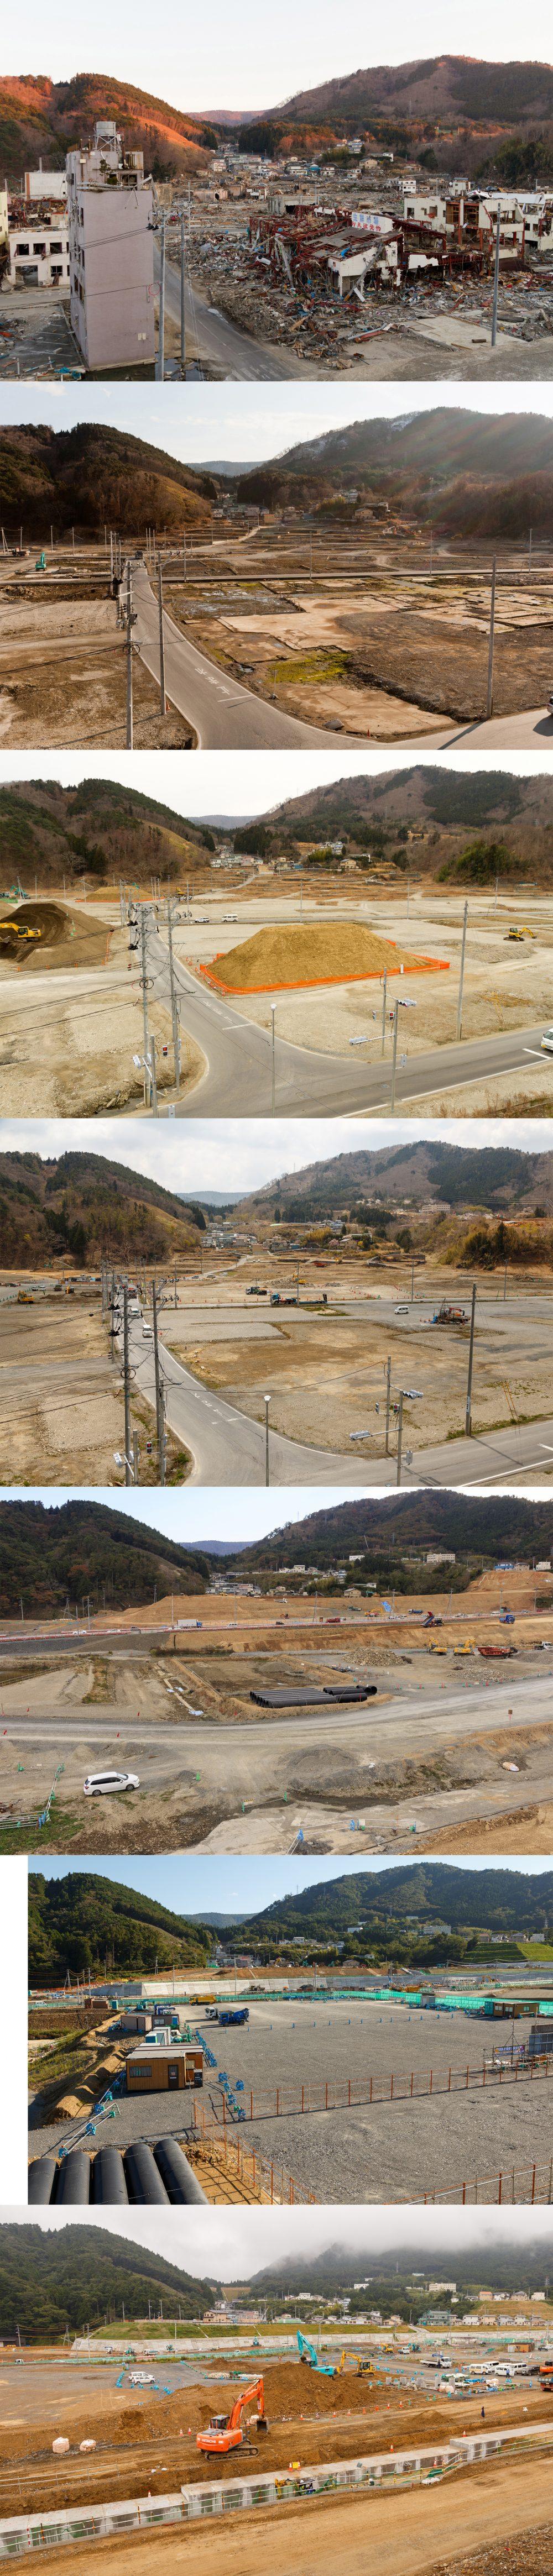 女川町地域医療センター南側(黄金町方向)